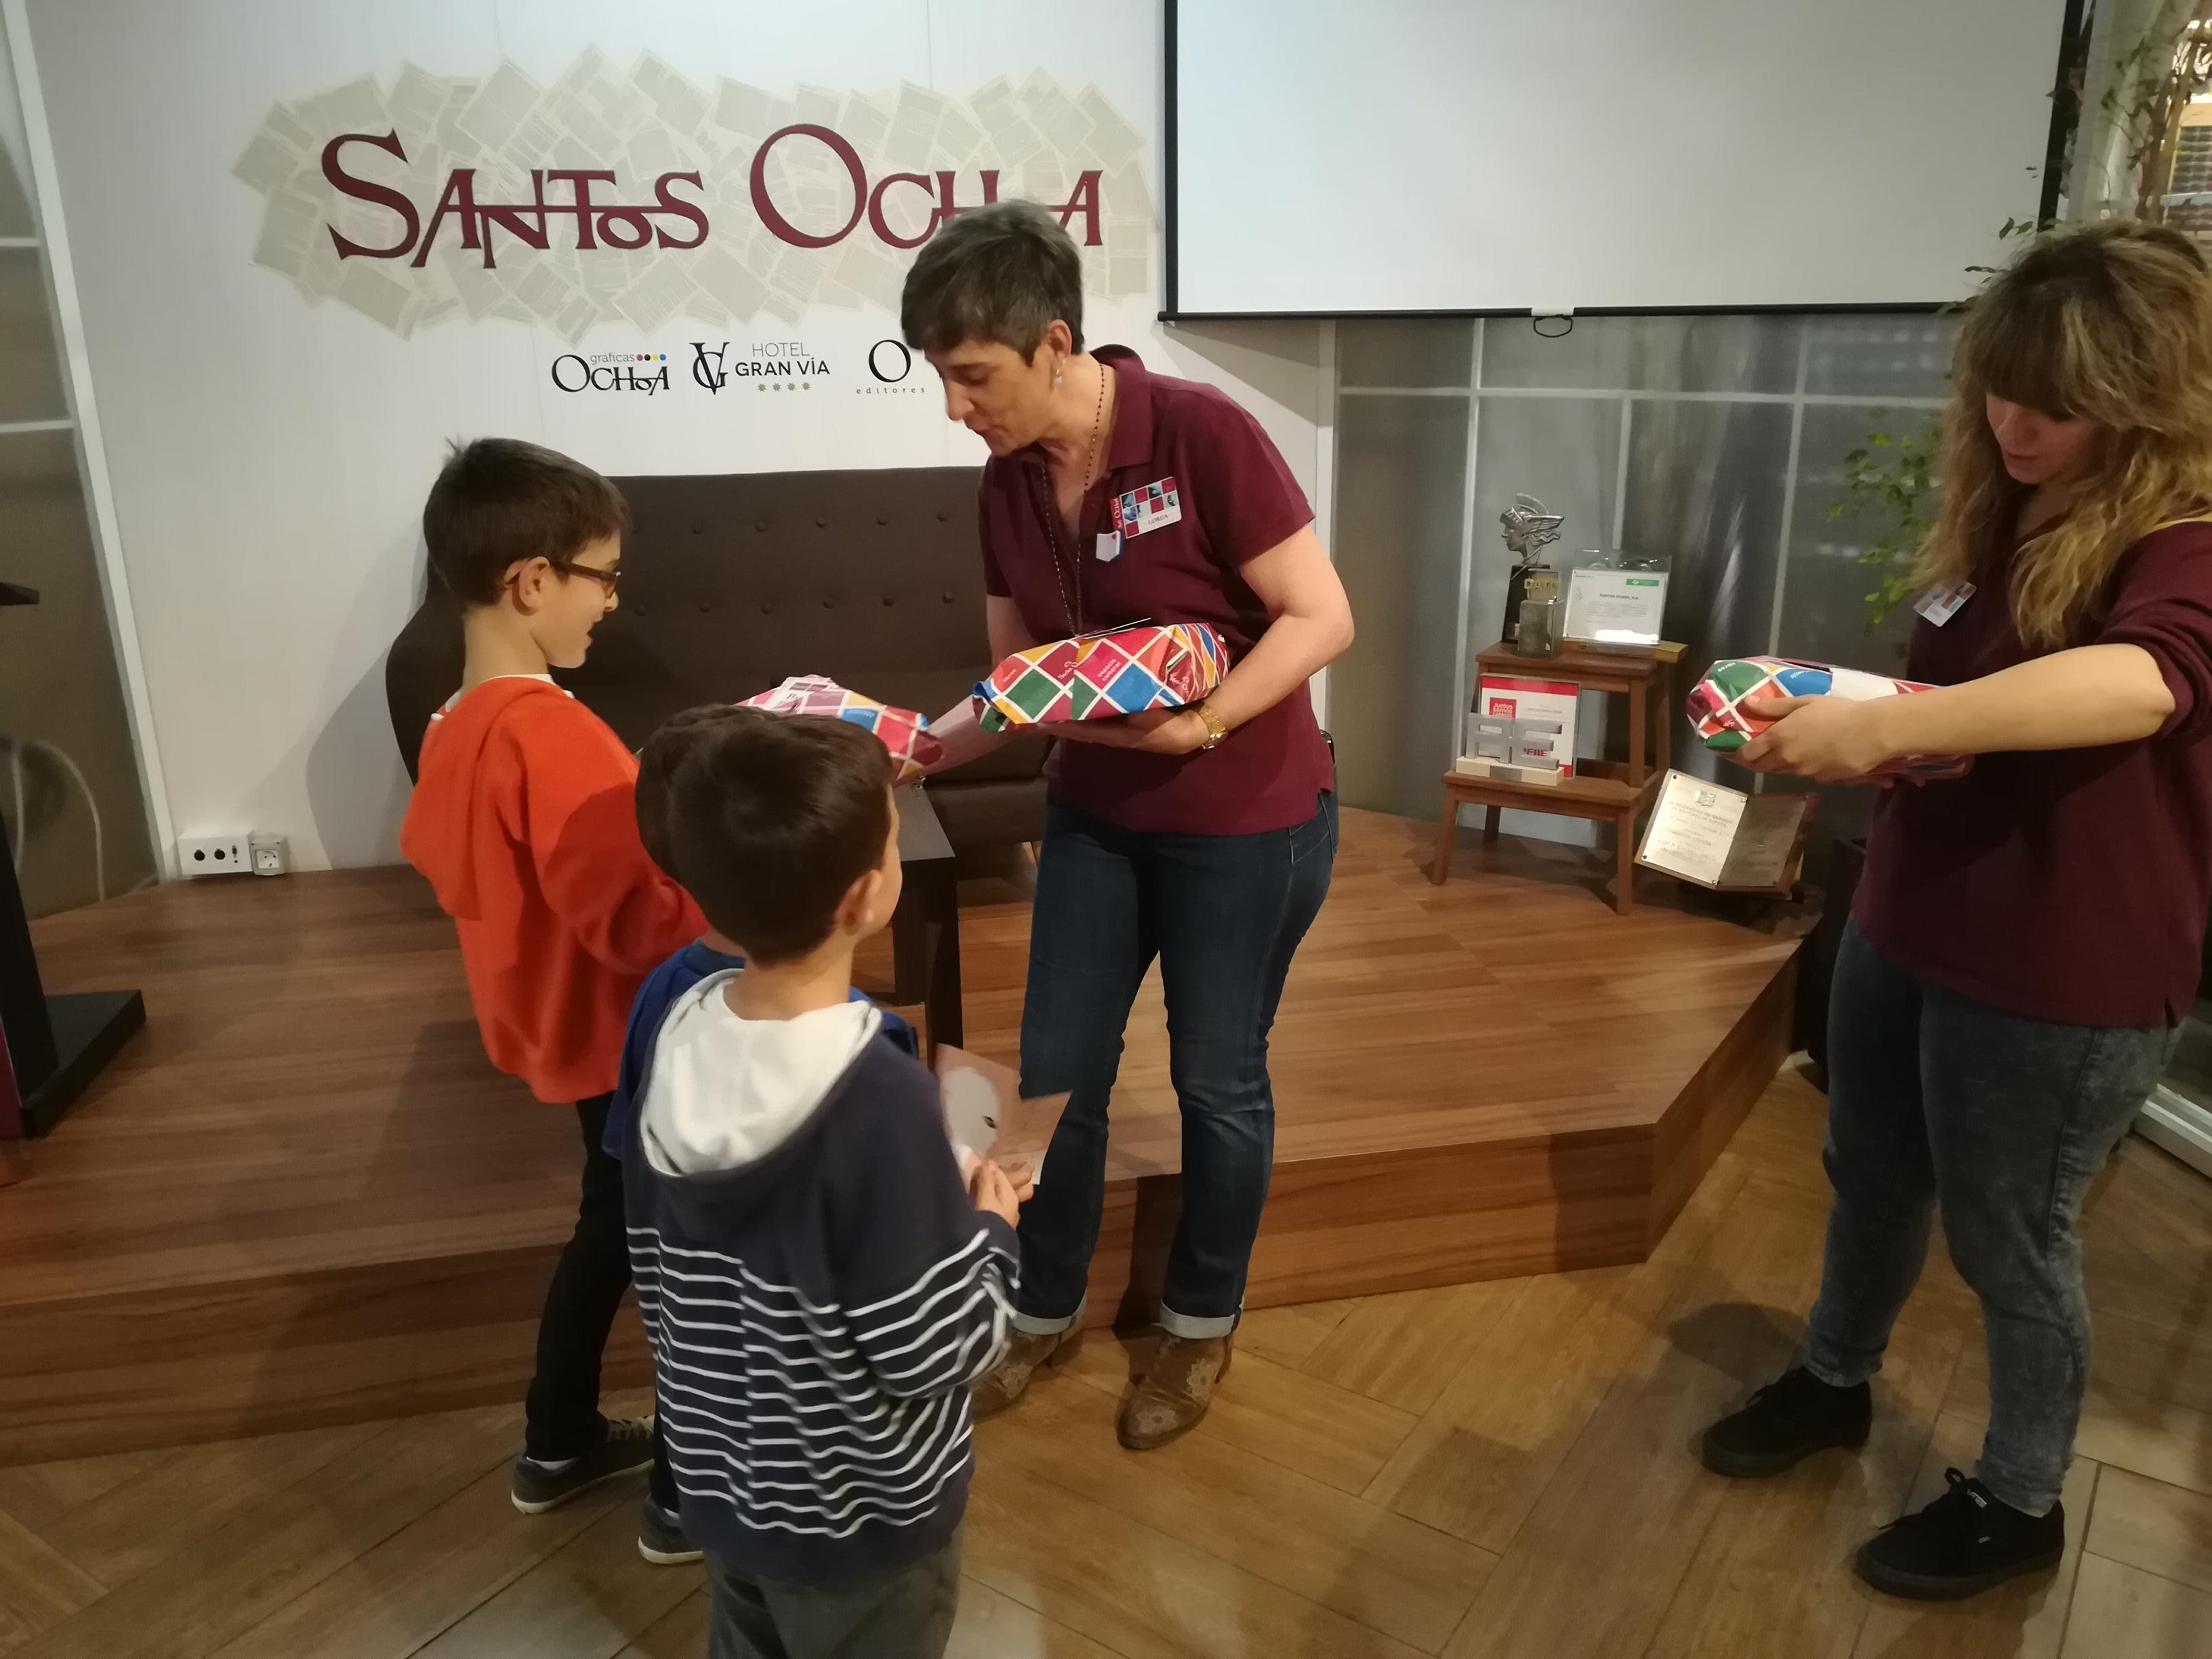 Entrega de Libros en Santos Ochoa de los ganadores del sorteo de LibroPensadores